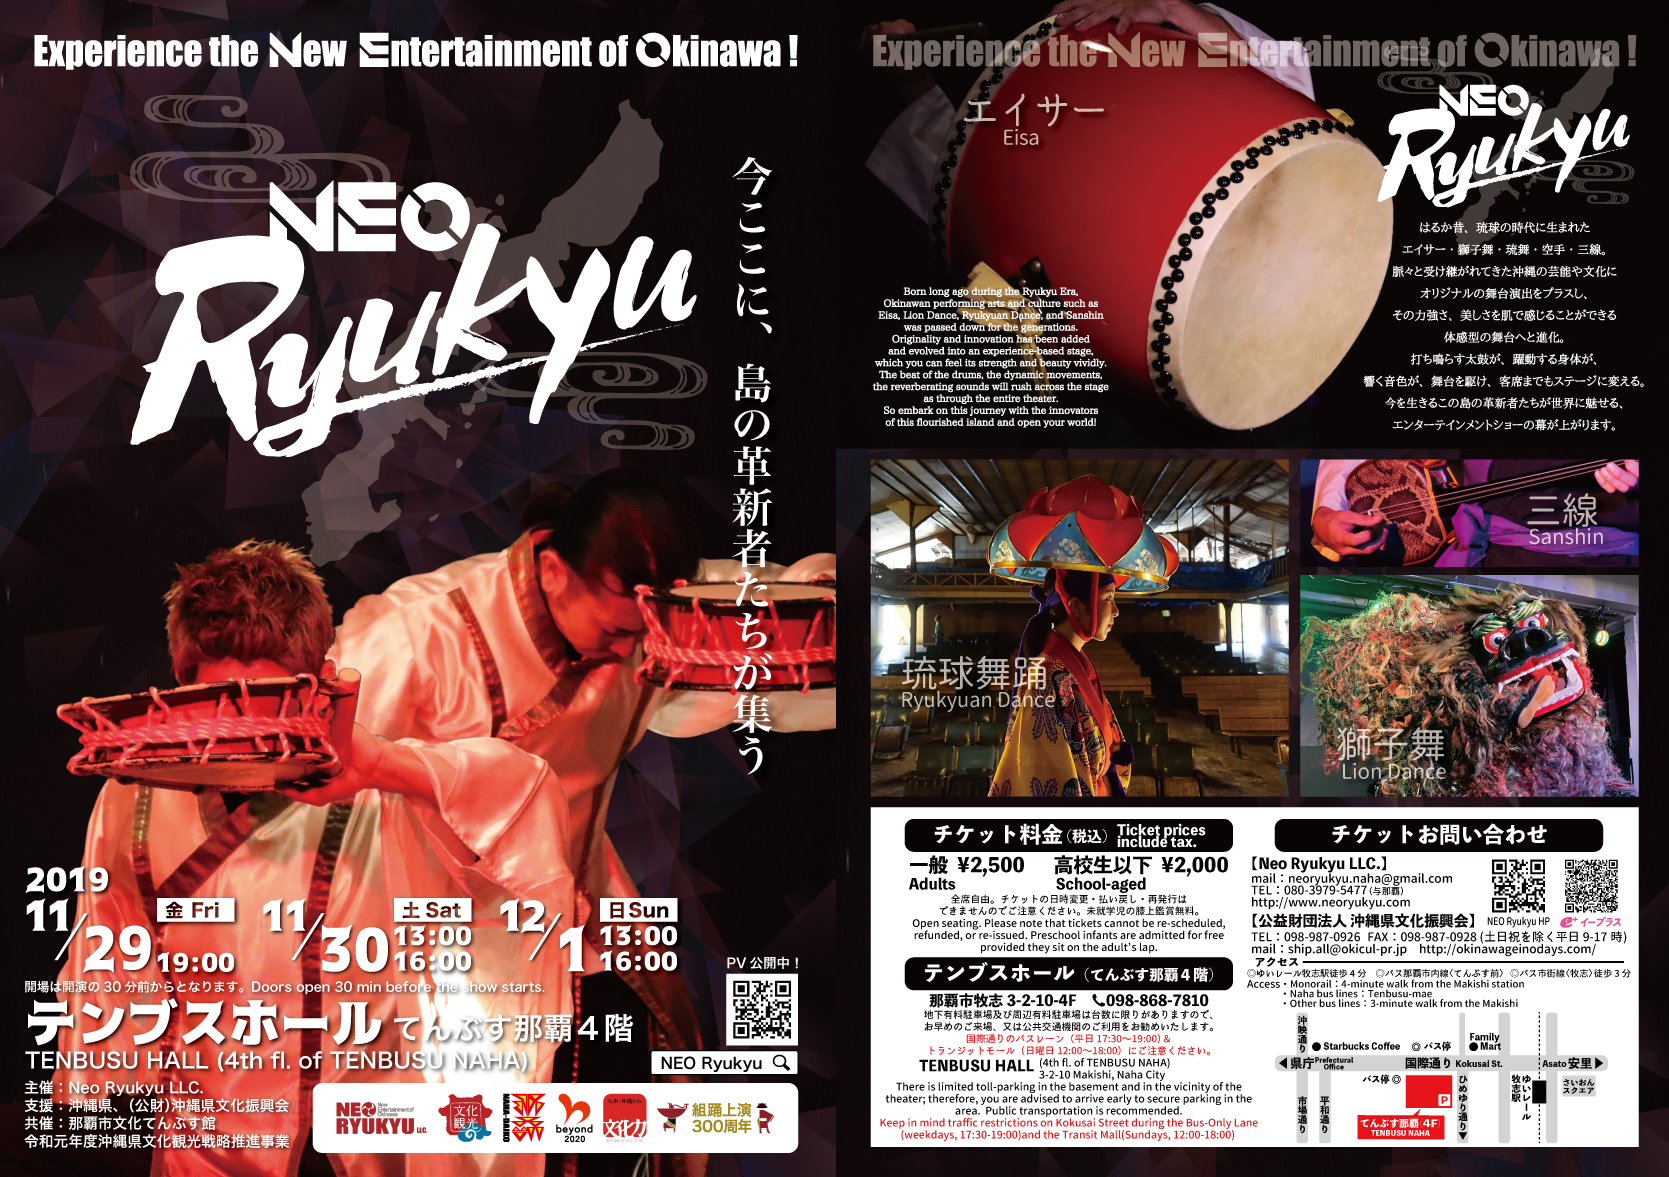 沖縄芸能DAYS 2019「NEO Ryukyu」チケット予約・販売開始!